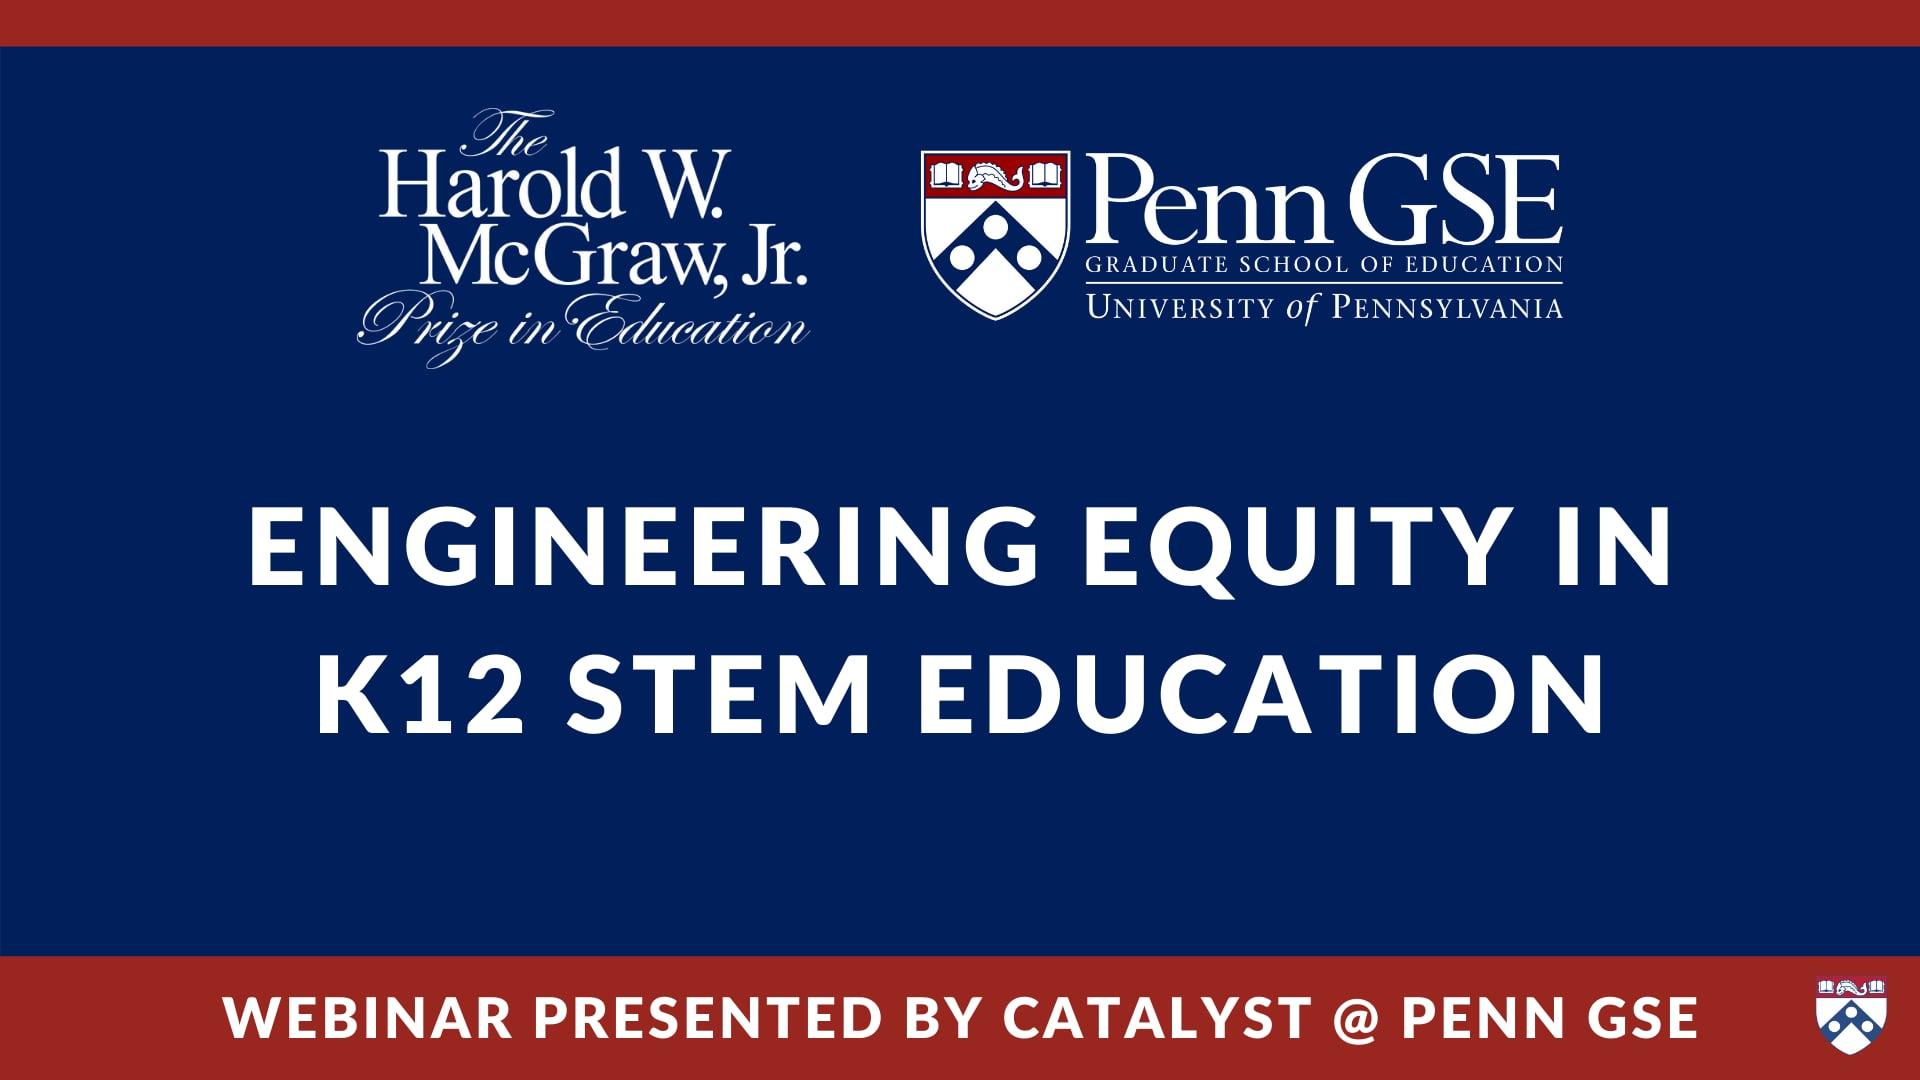 Play video: Engineering Equity in K-12 STEM Education